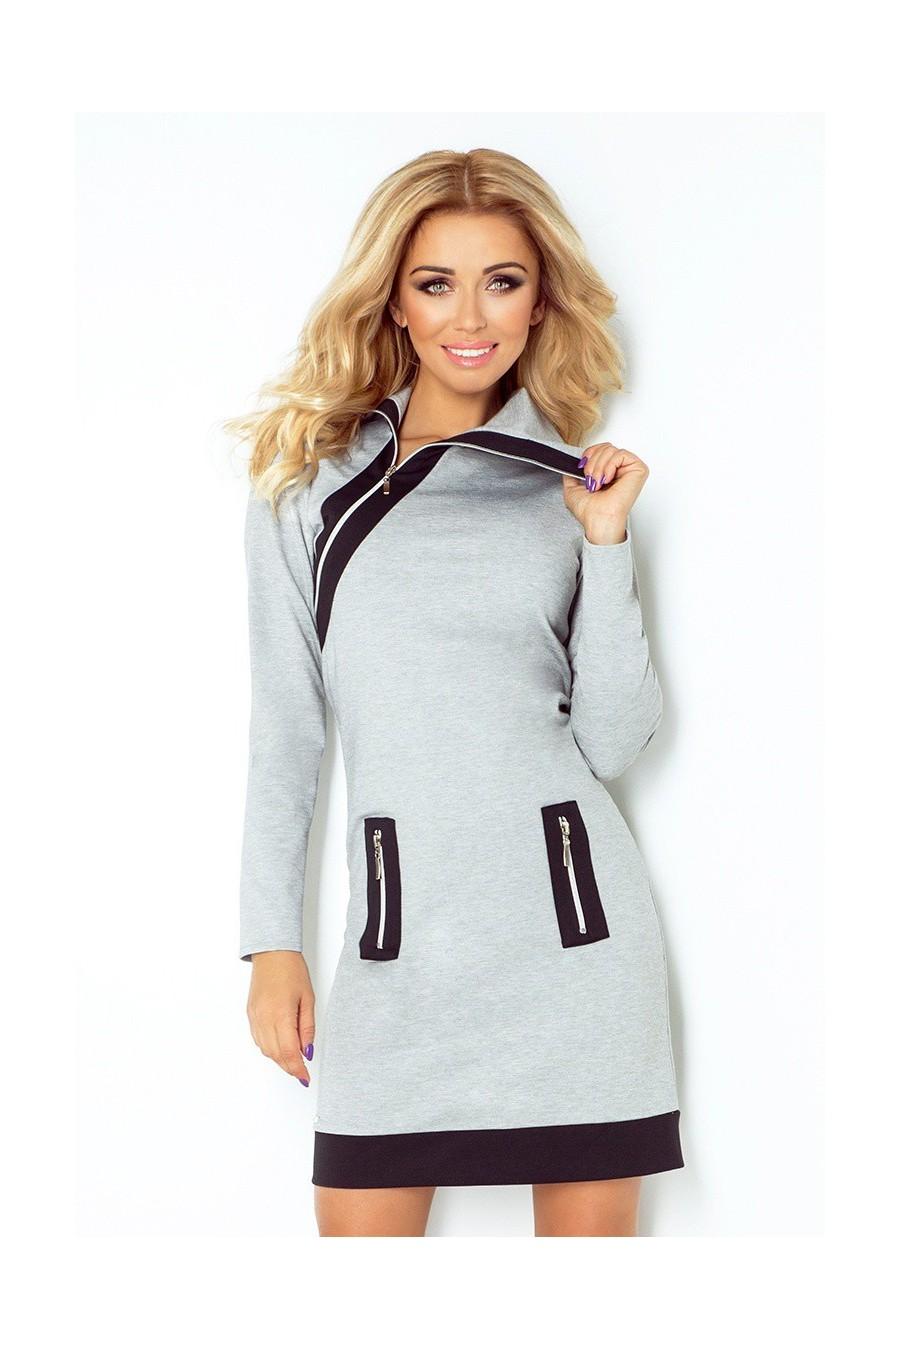 bc64c4b693a3 Dámske šaty na zips s rukávom 2667 - Spoločenské šaty Online